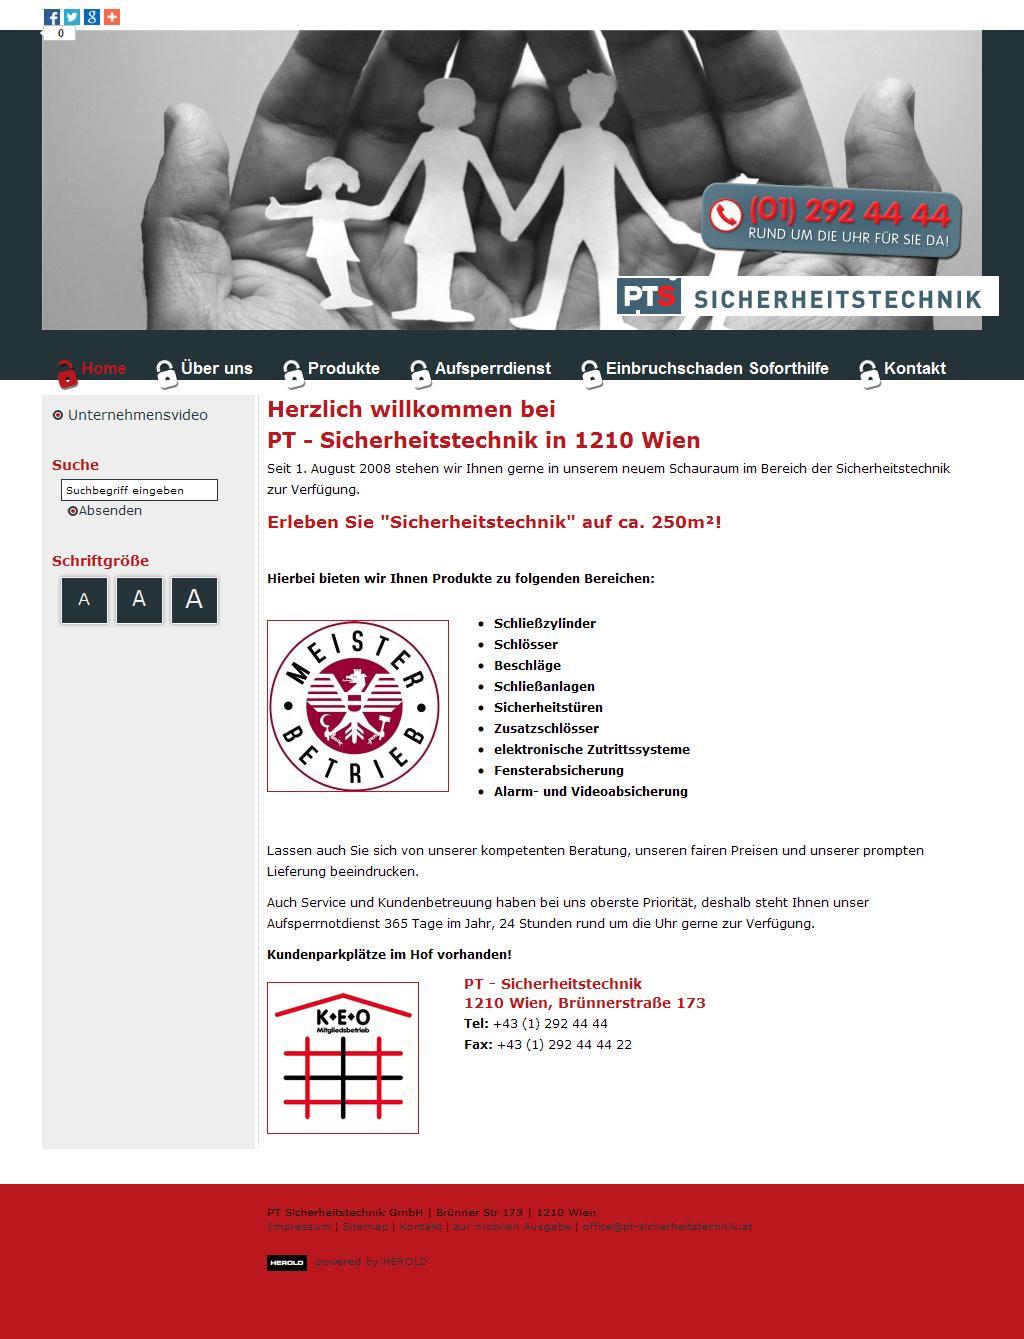 Sicherheitstechnik Wien - PT-Sicherheitstechnik - PT Sicherheitstechnik GmbH